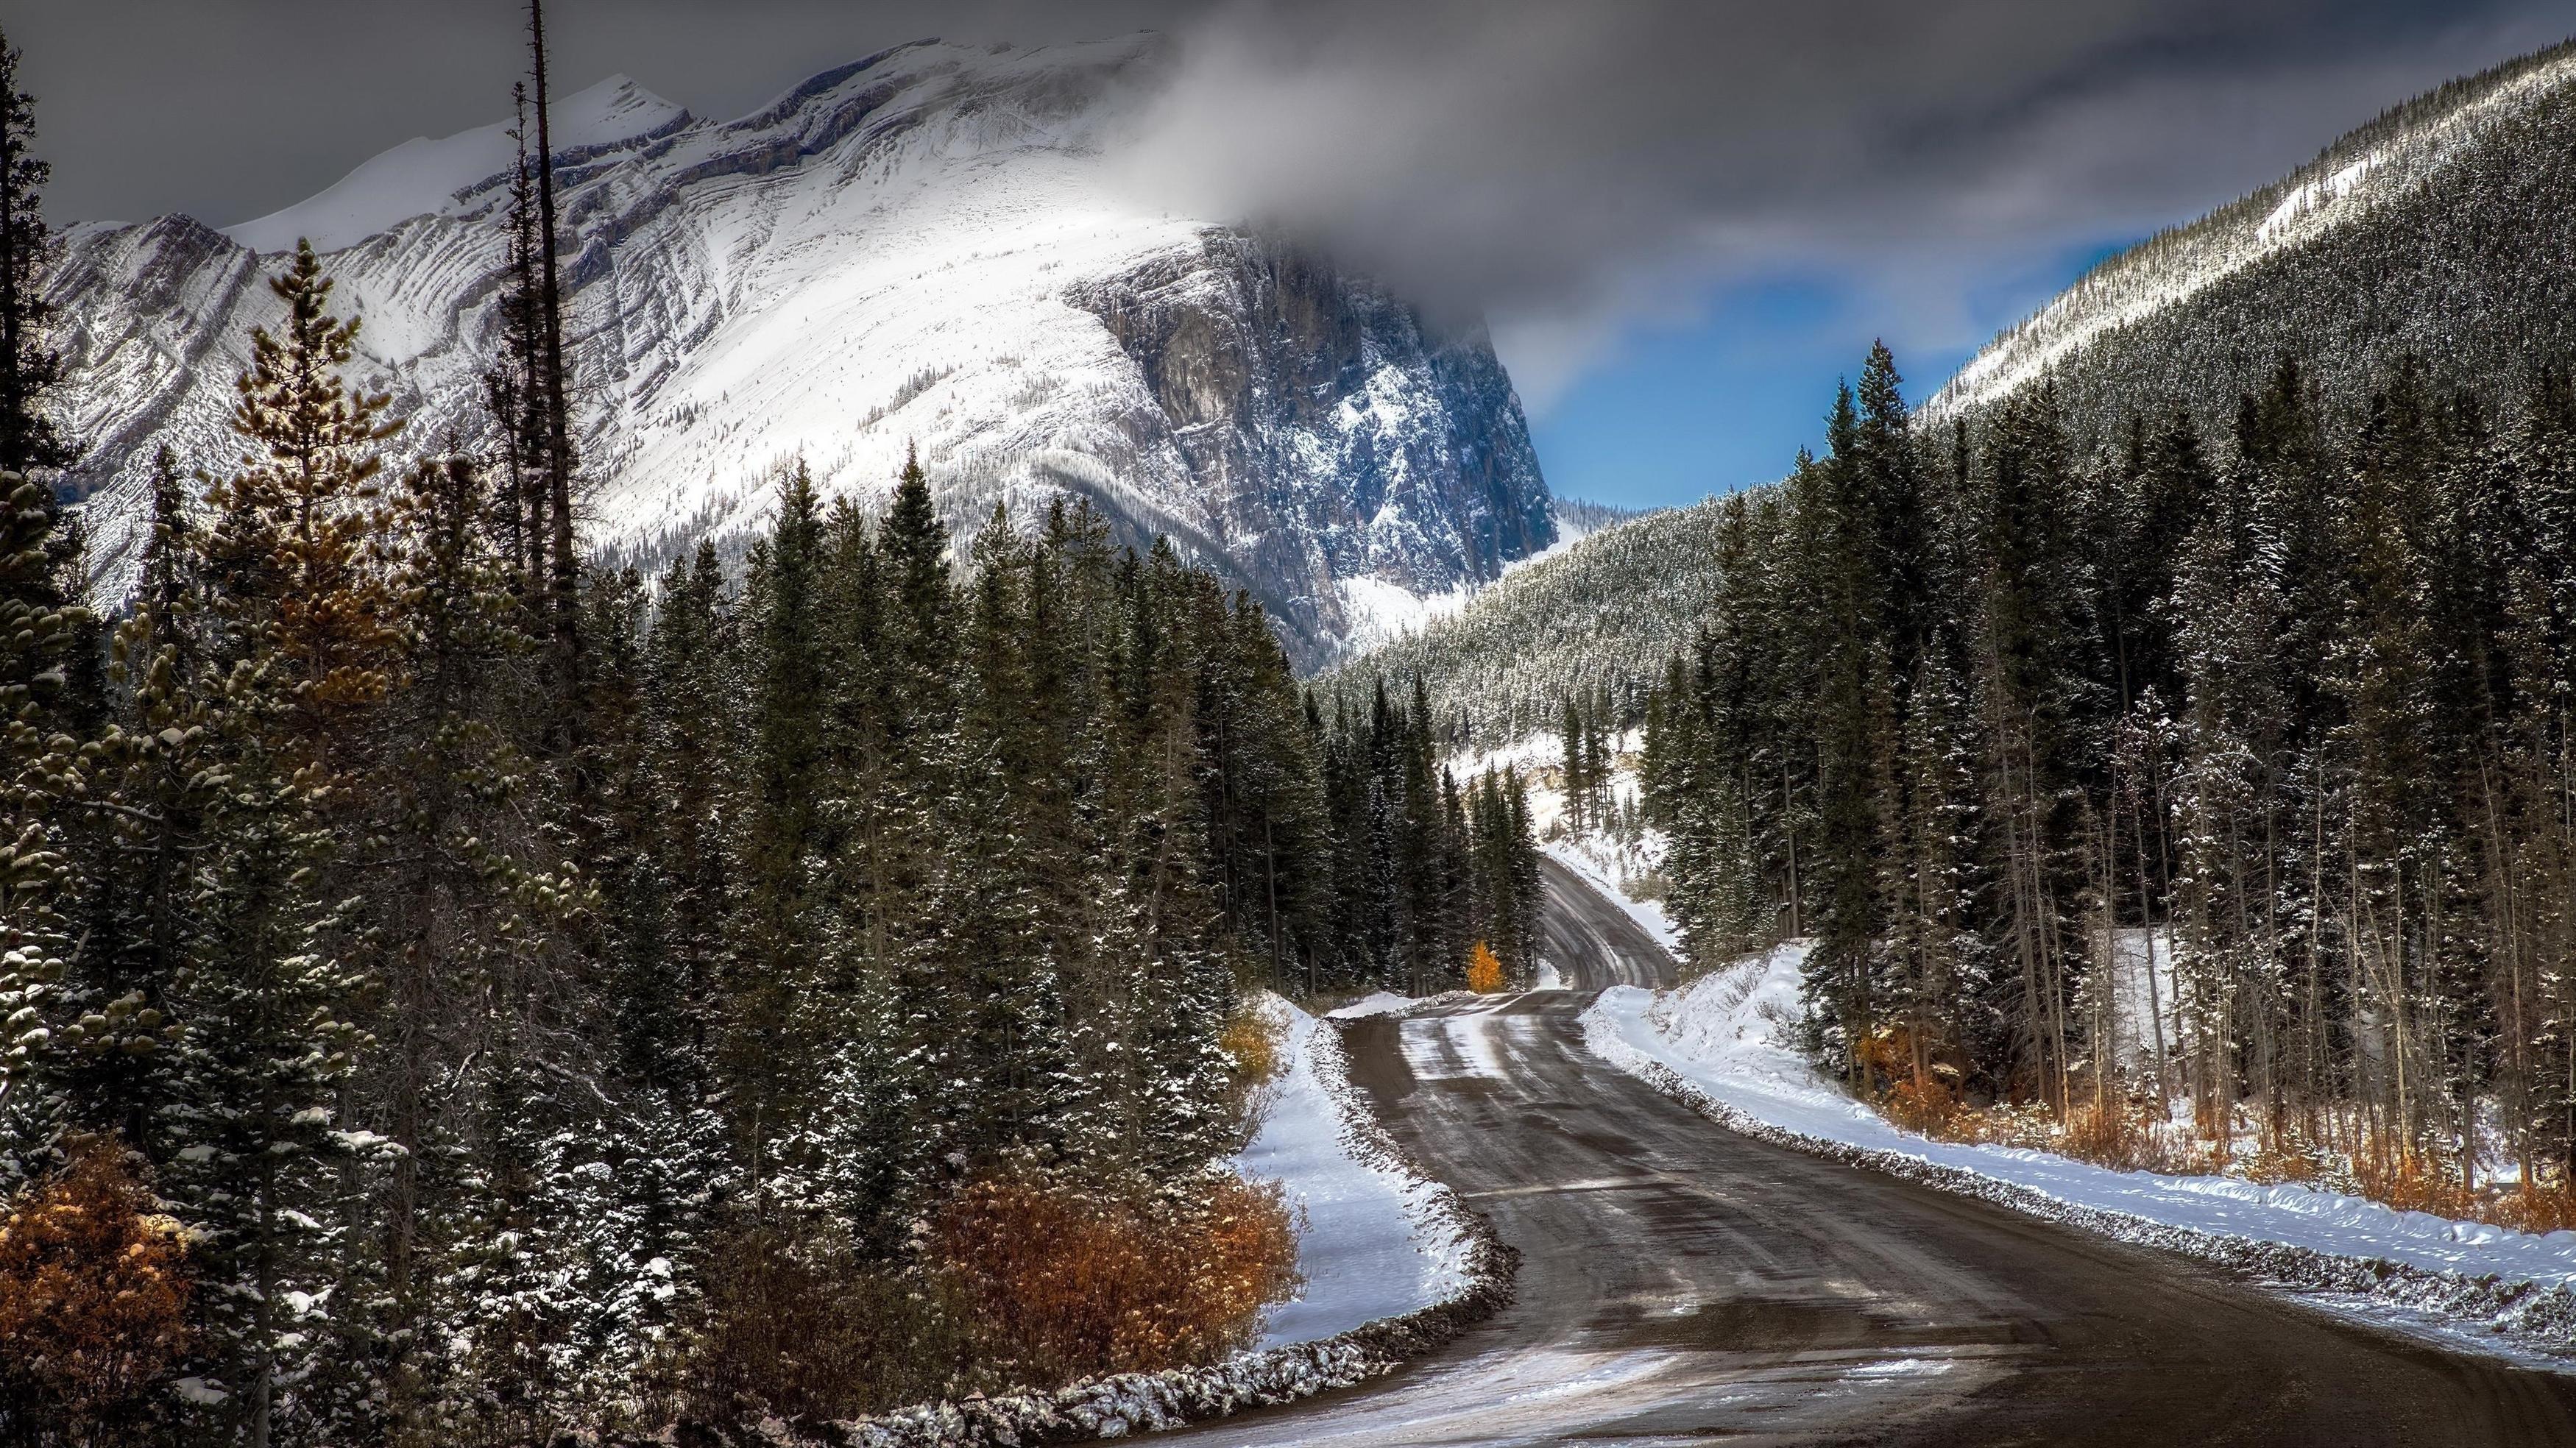 Дорога между заснеженными деревьями с пейзажем заснеженных гор с туманной природой обои скачать